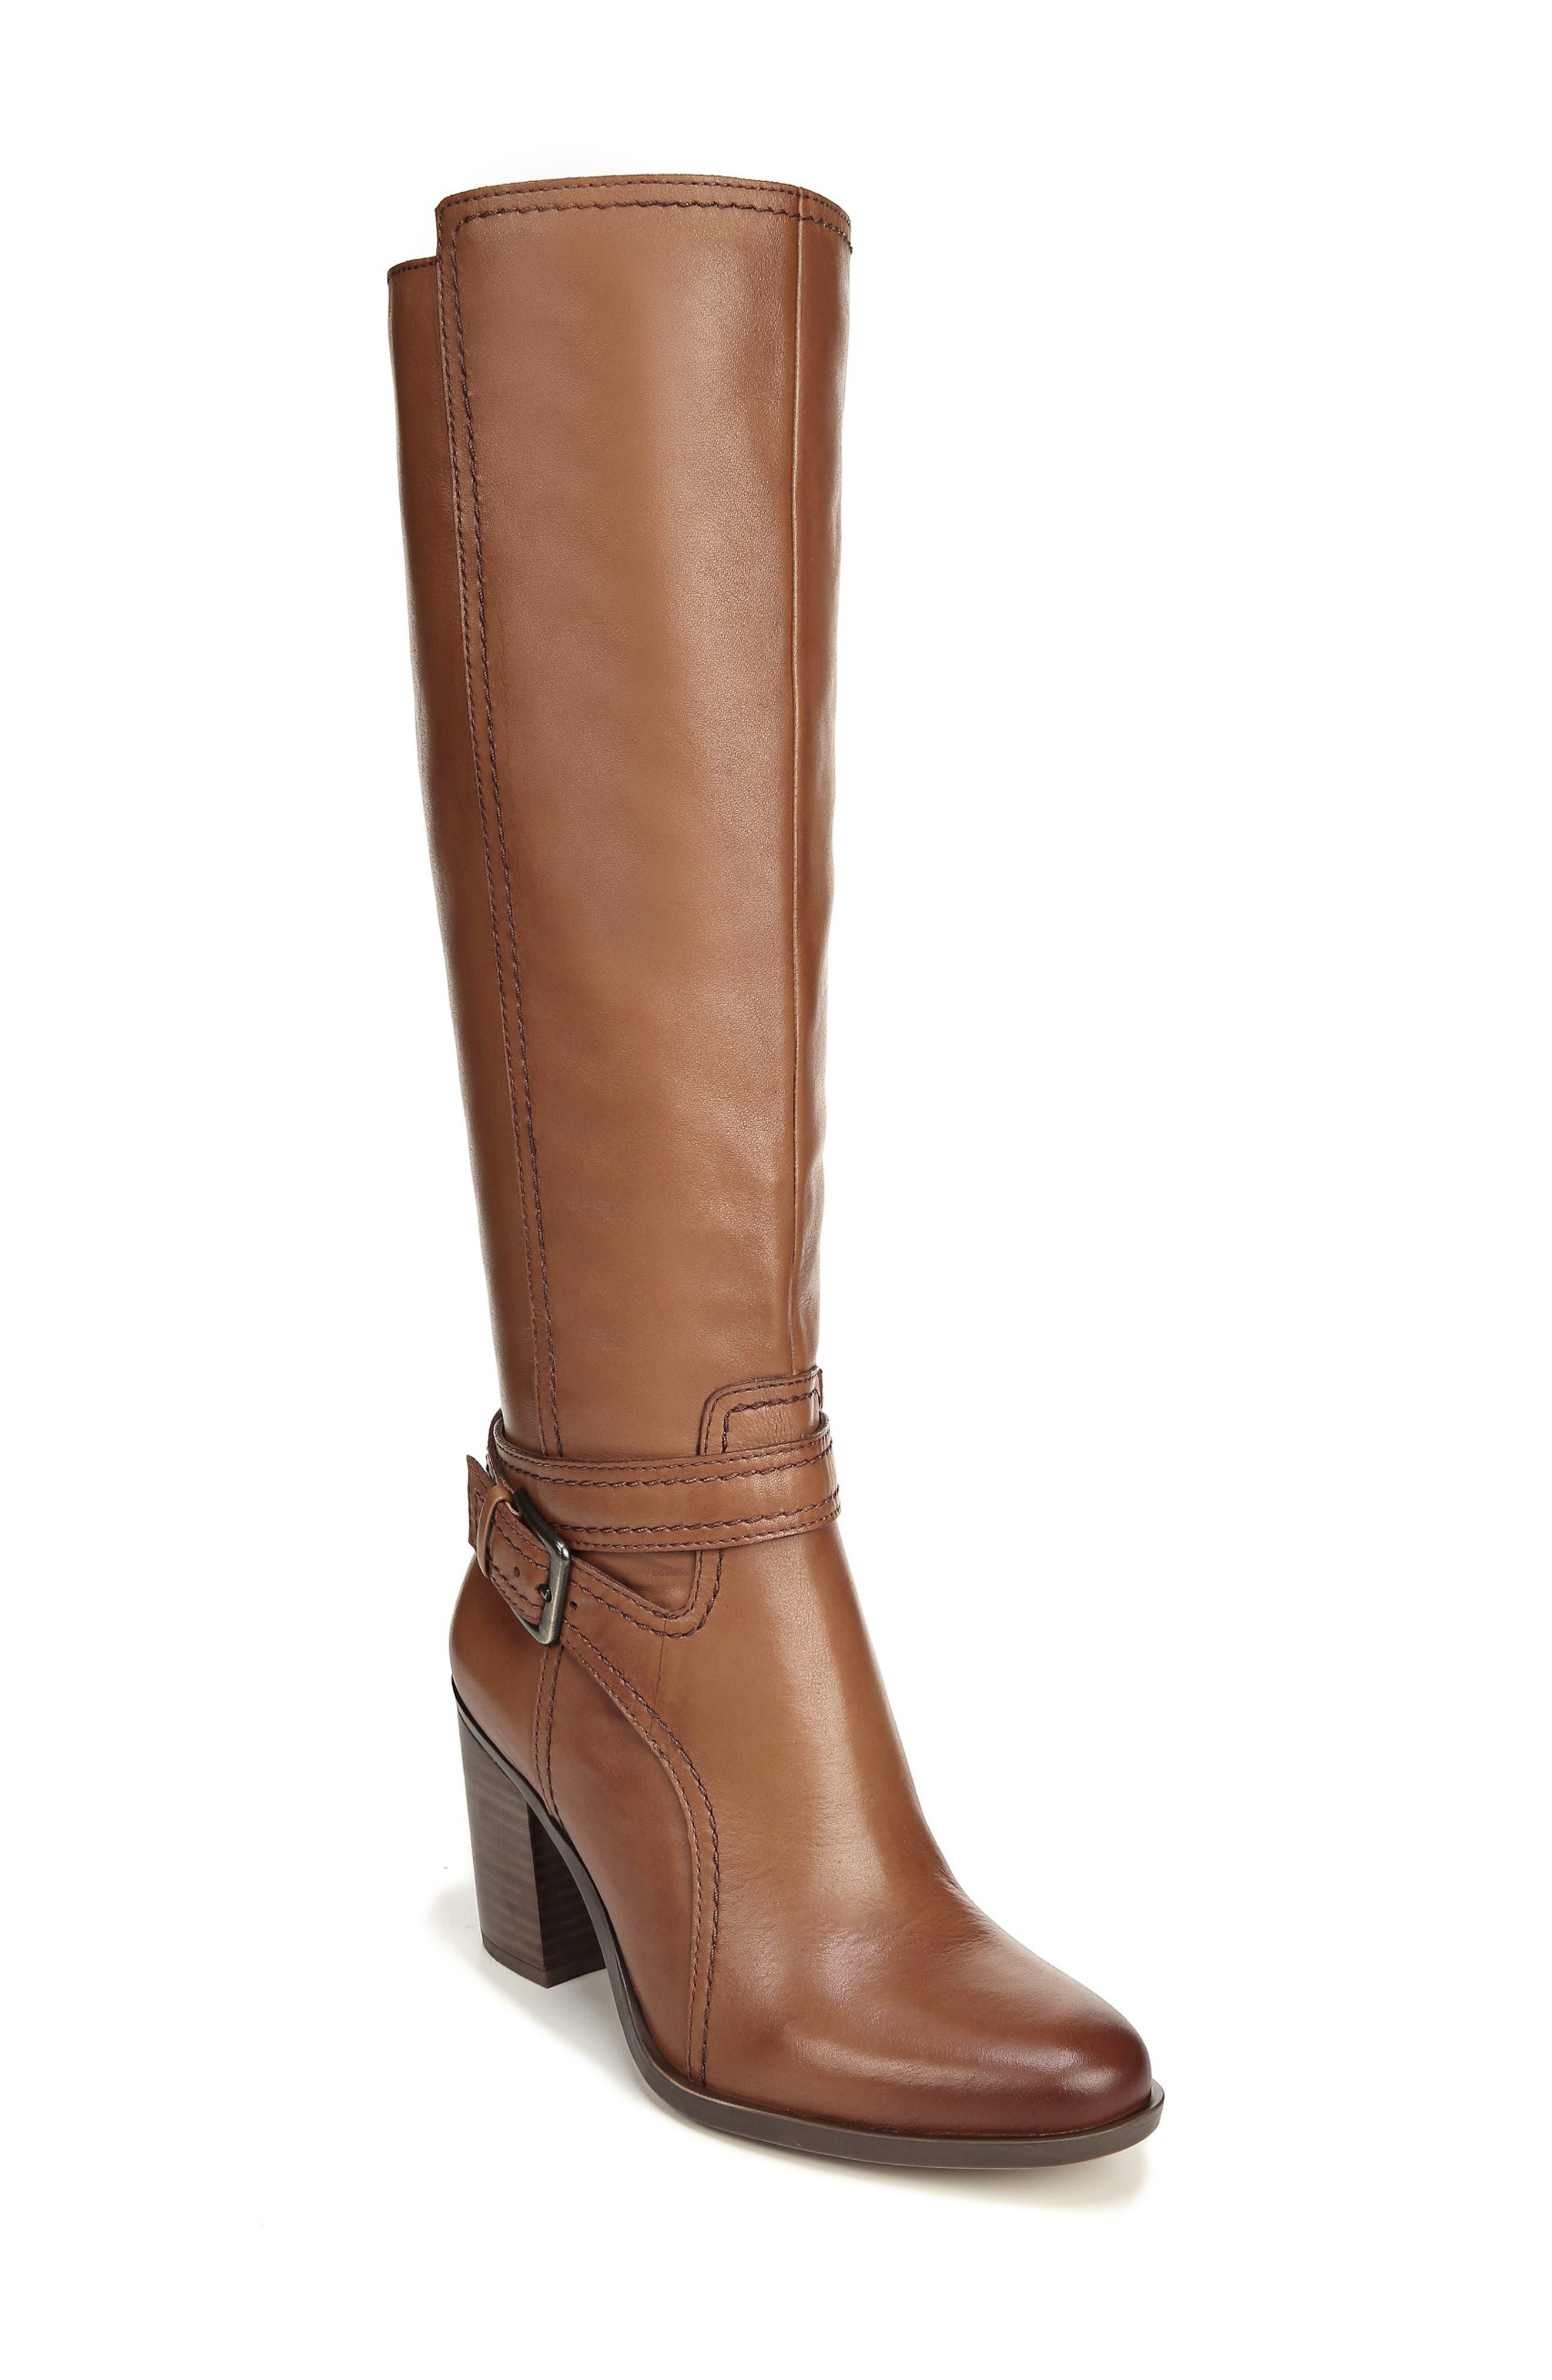 Naturalizer Kelsey Knee High Boot Regular Calf W - Brown